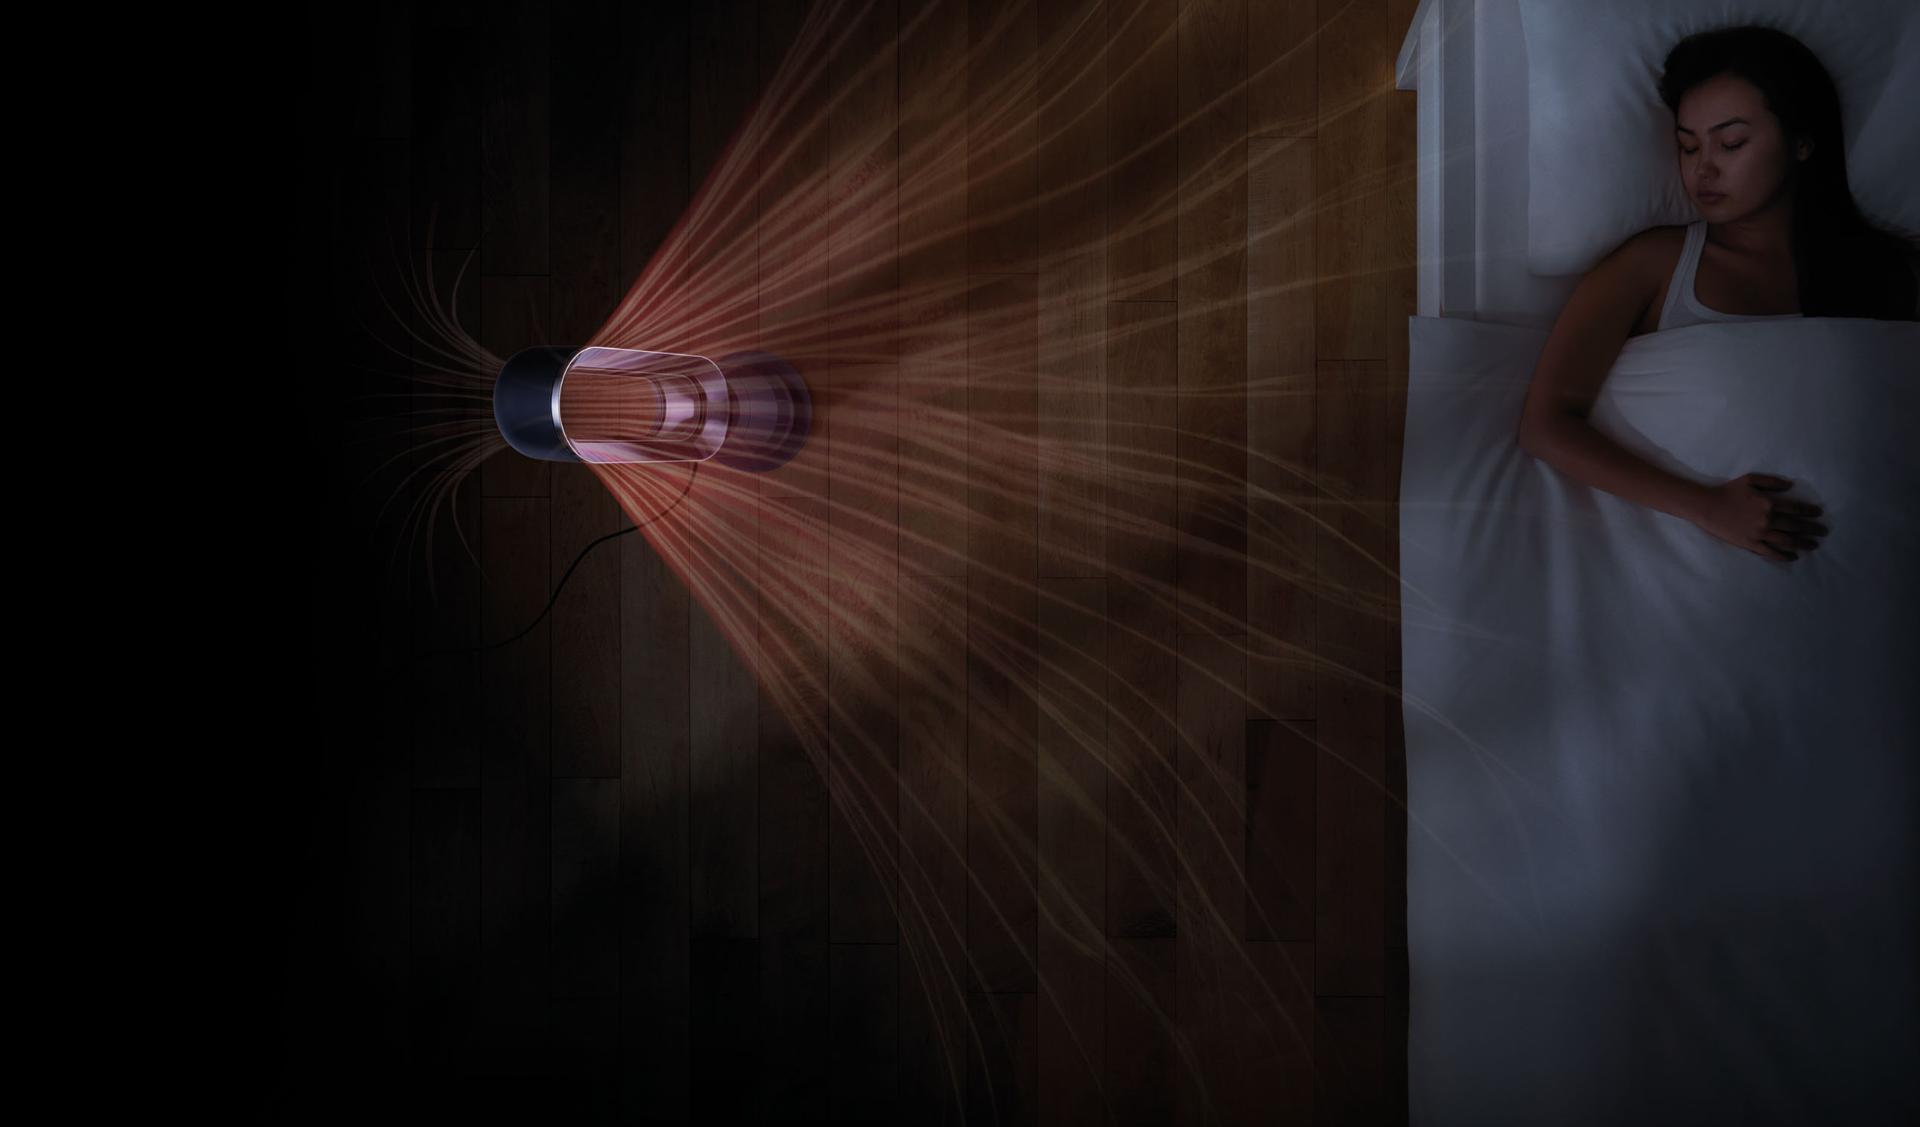 Dyson fan heater in bedroom